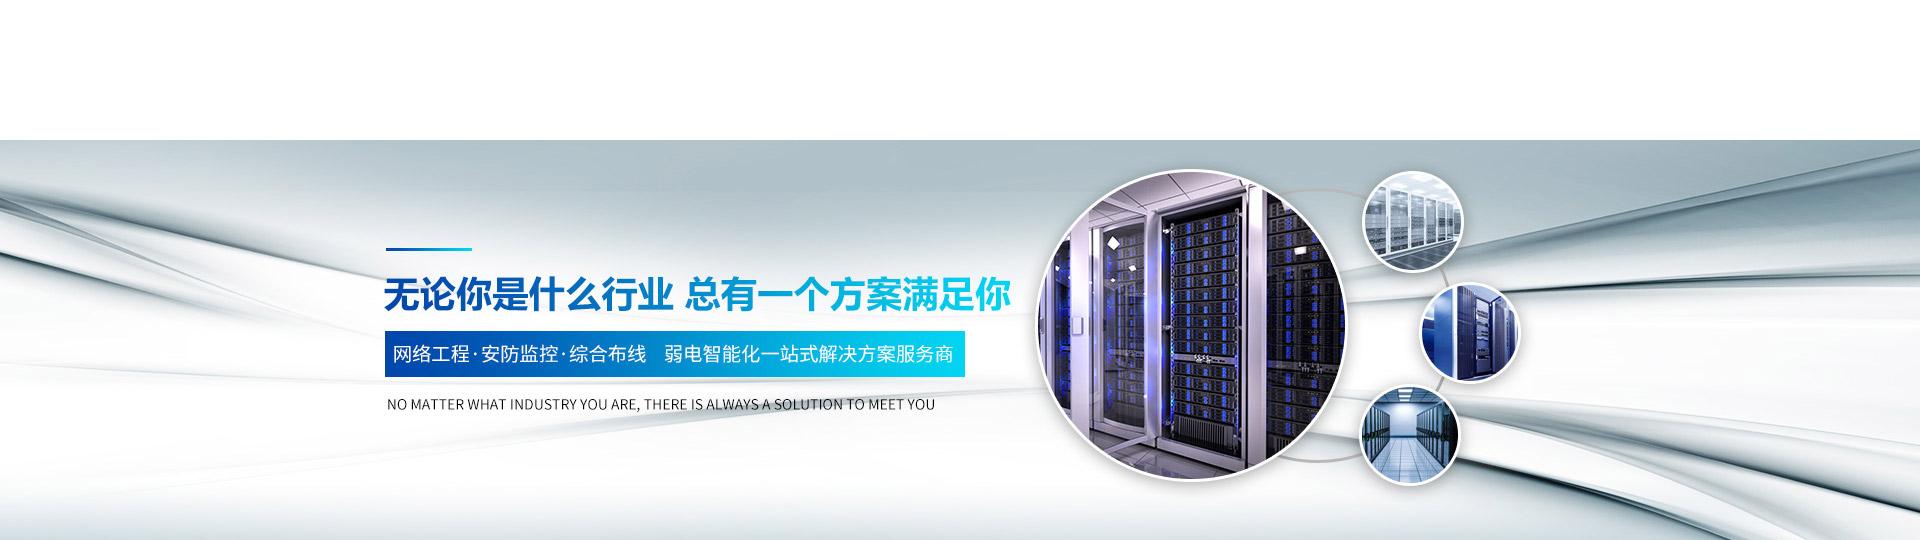 轩辕宏迈-网络工程·安防监控·综合布线弱电智能化一站式解决方案服务商